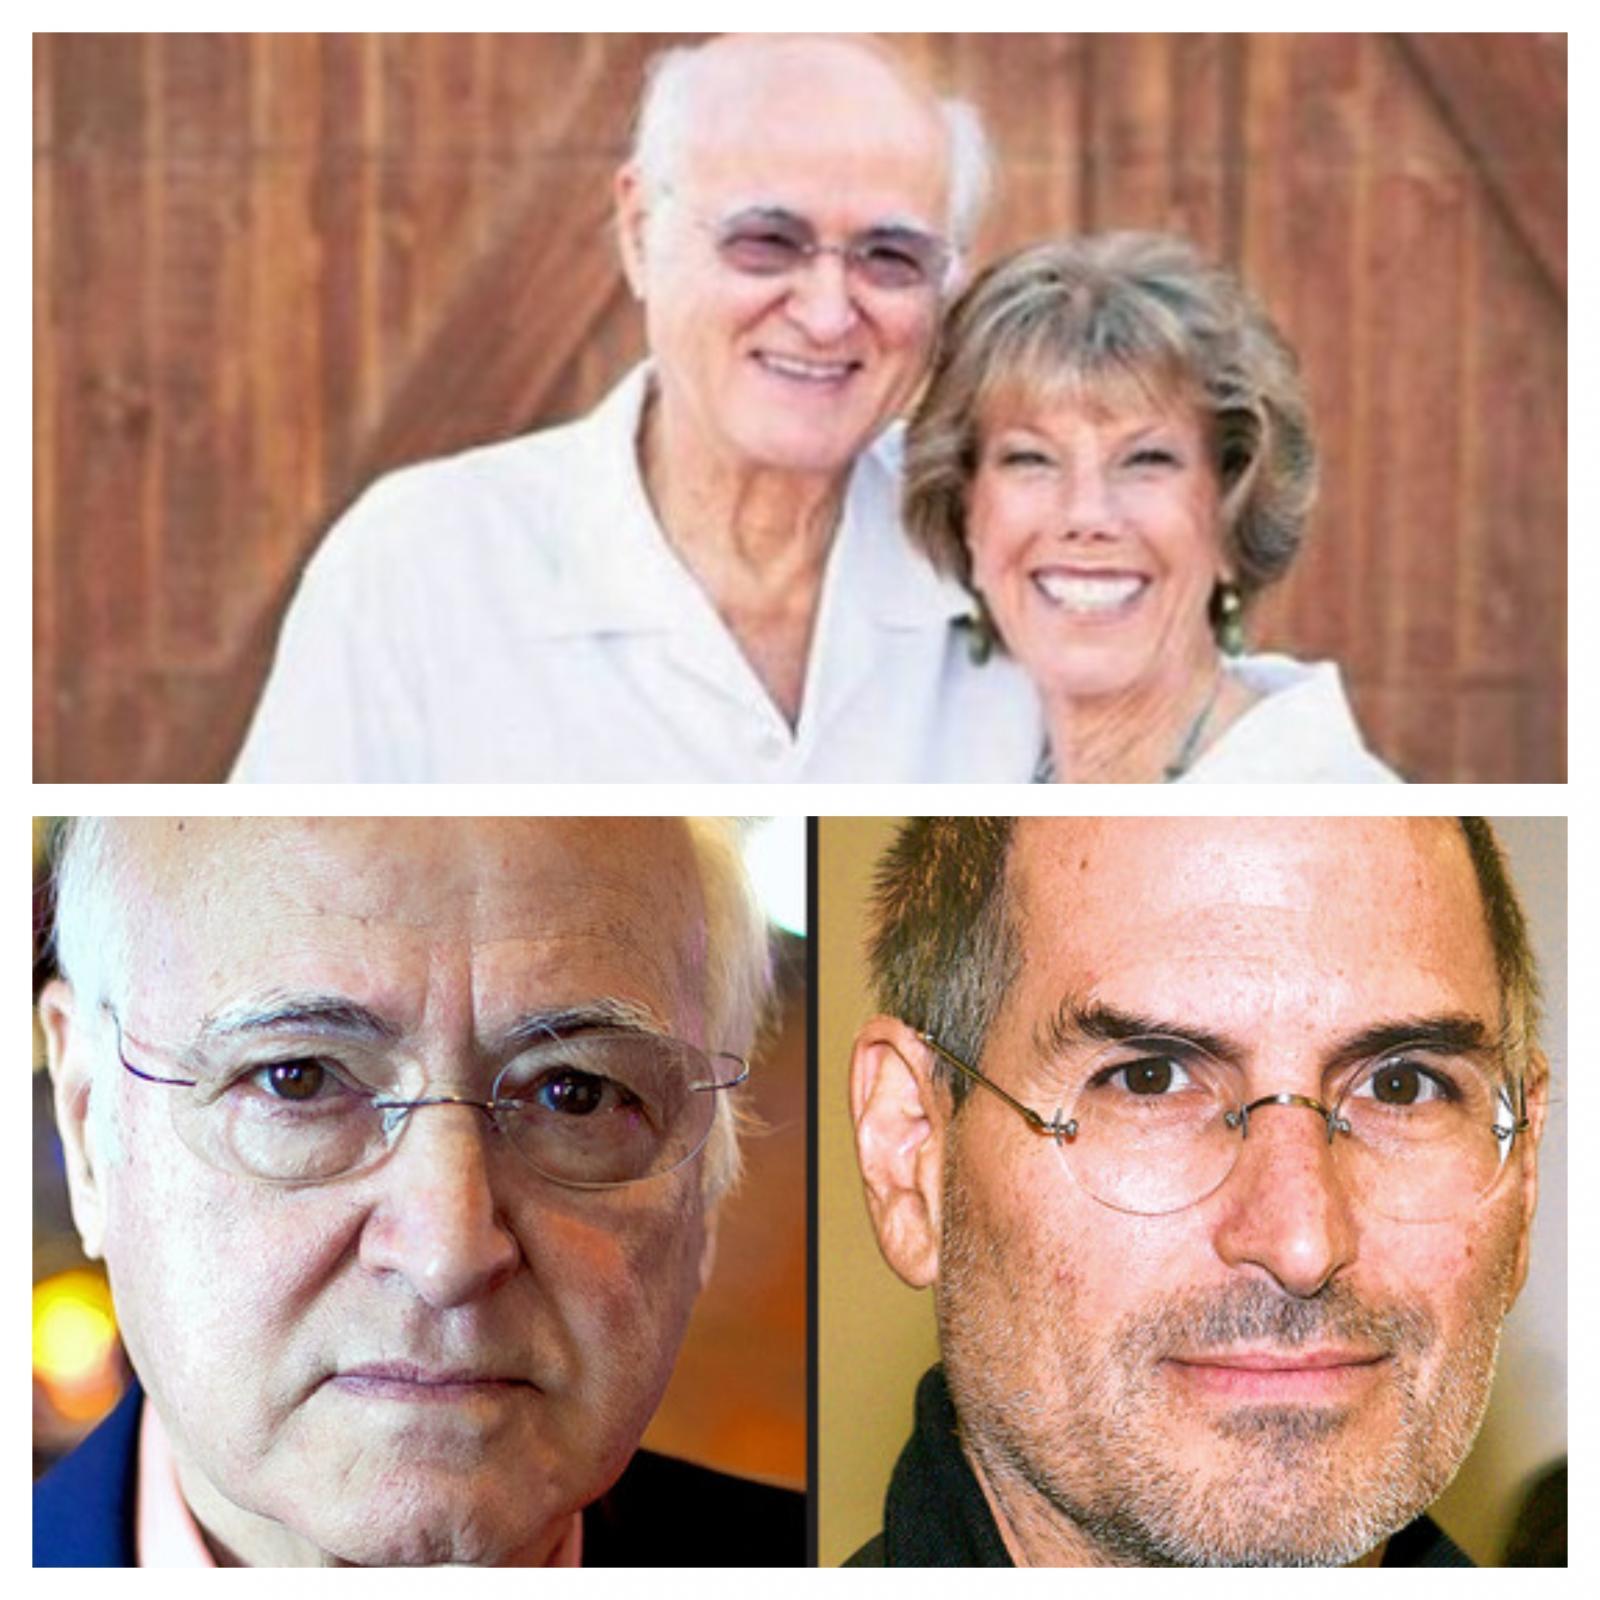 Steve Jobs in starši - Abdulfattah Jandali (spodaj) ter zakonca Jobs (zgoraj)